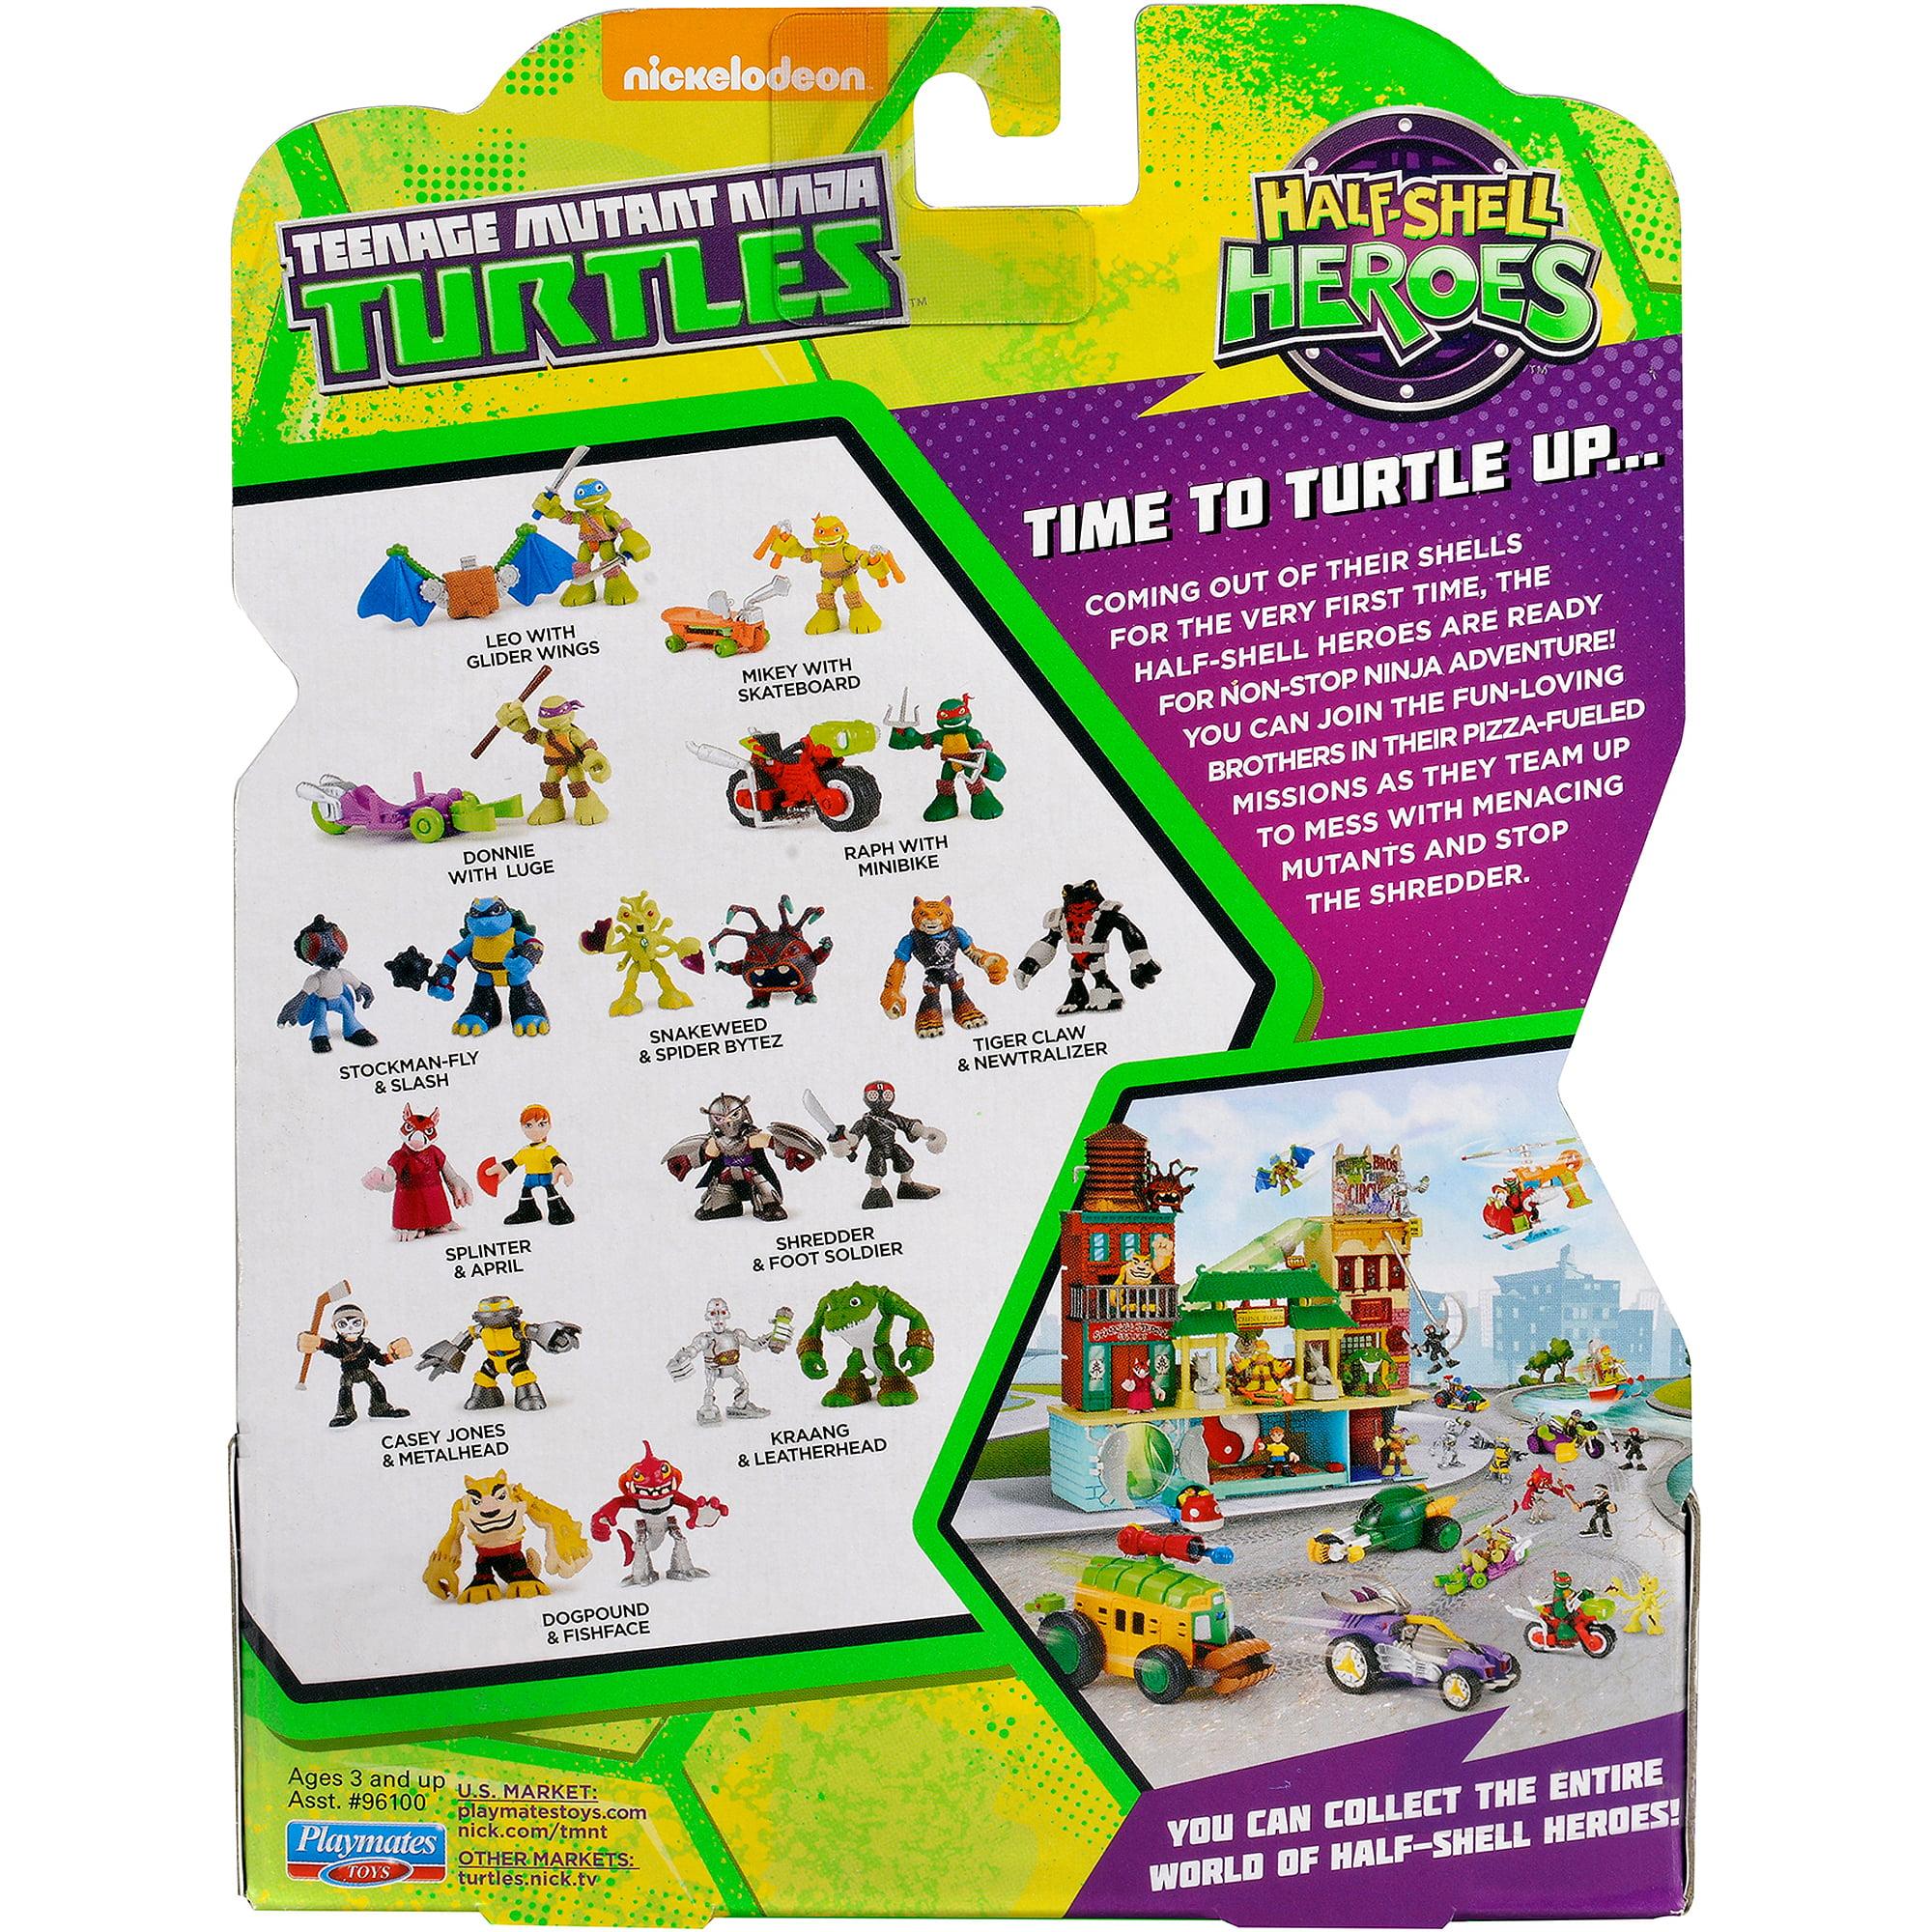 Teenage Mutant Ninja Turtles comic books issue 3 | 2000x2000